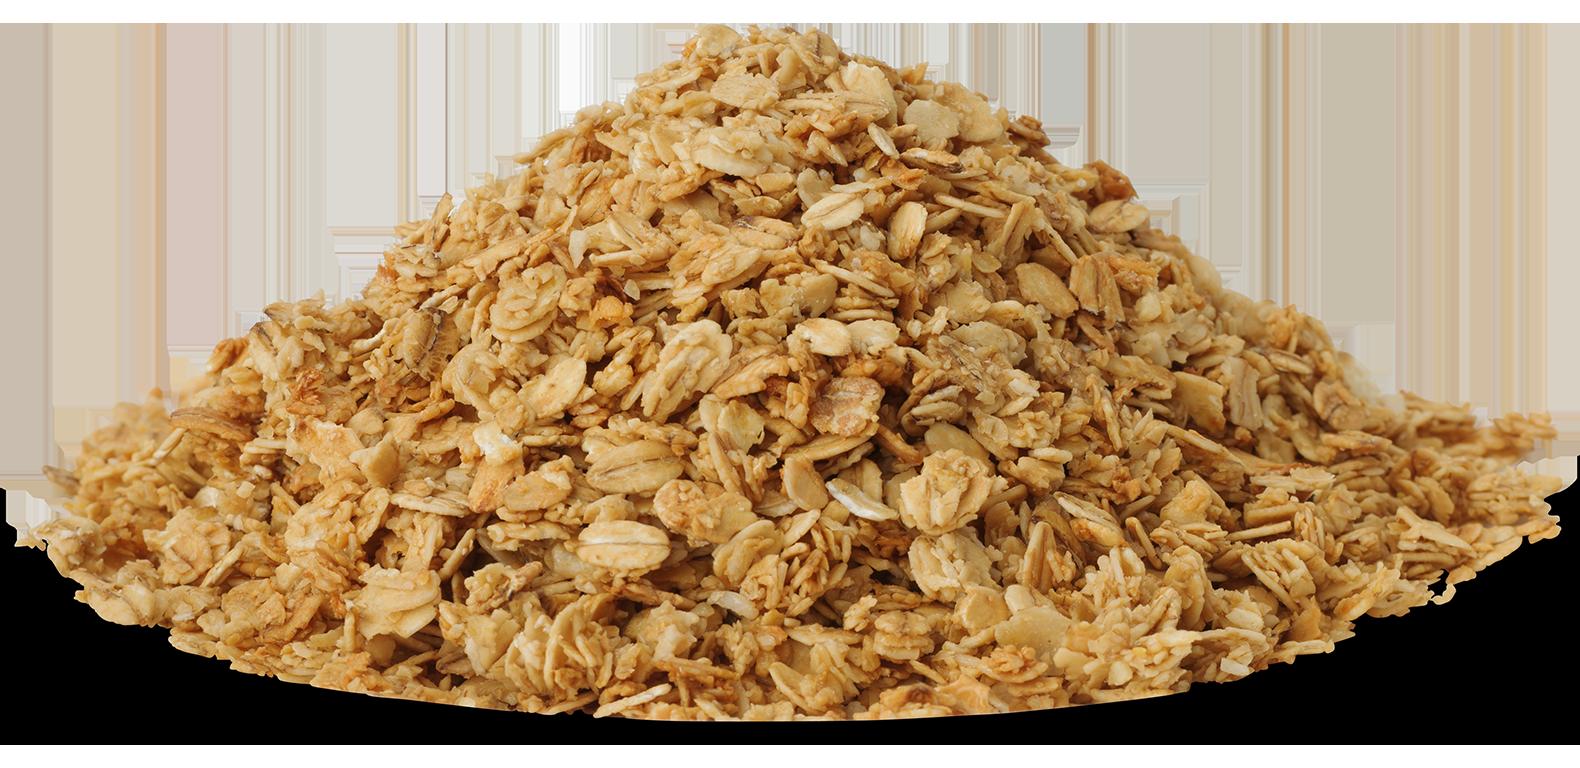 Granola png image mart. Cereal clipart transparent background